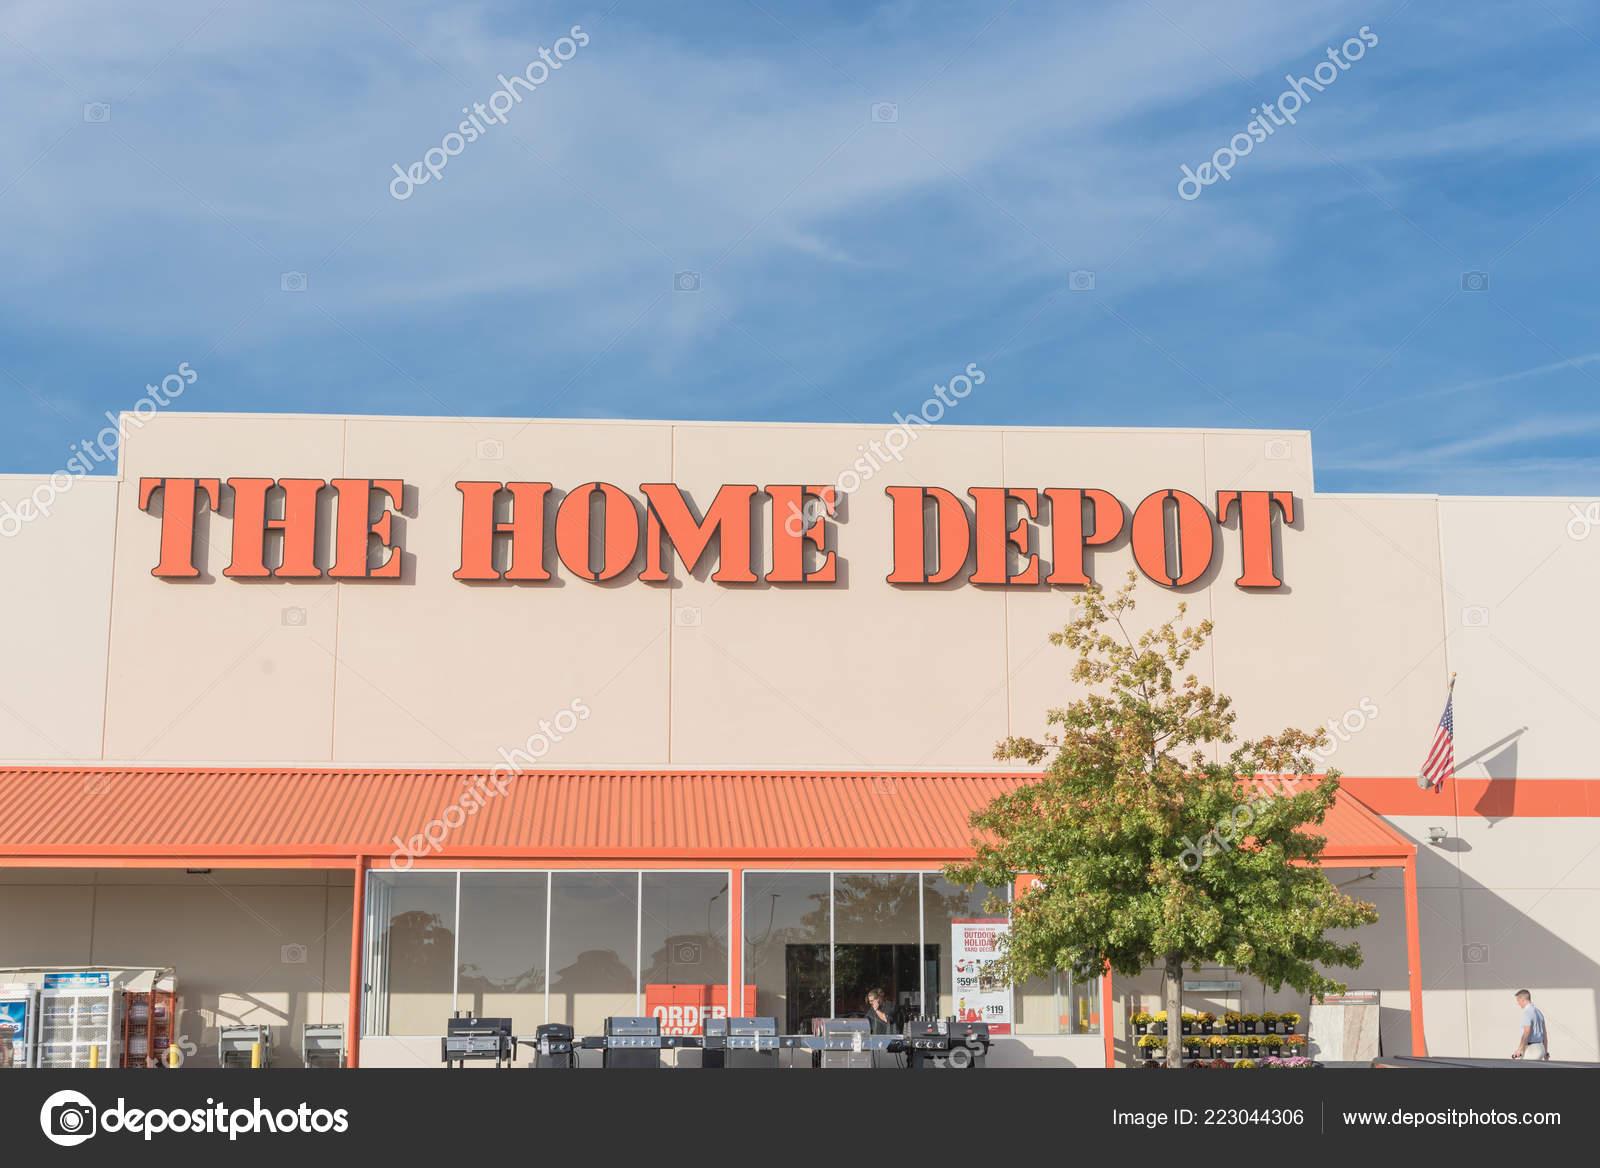 Irving Verlasst Uns Okt 2018 Home Depot Aussen Schaufenster Mit